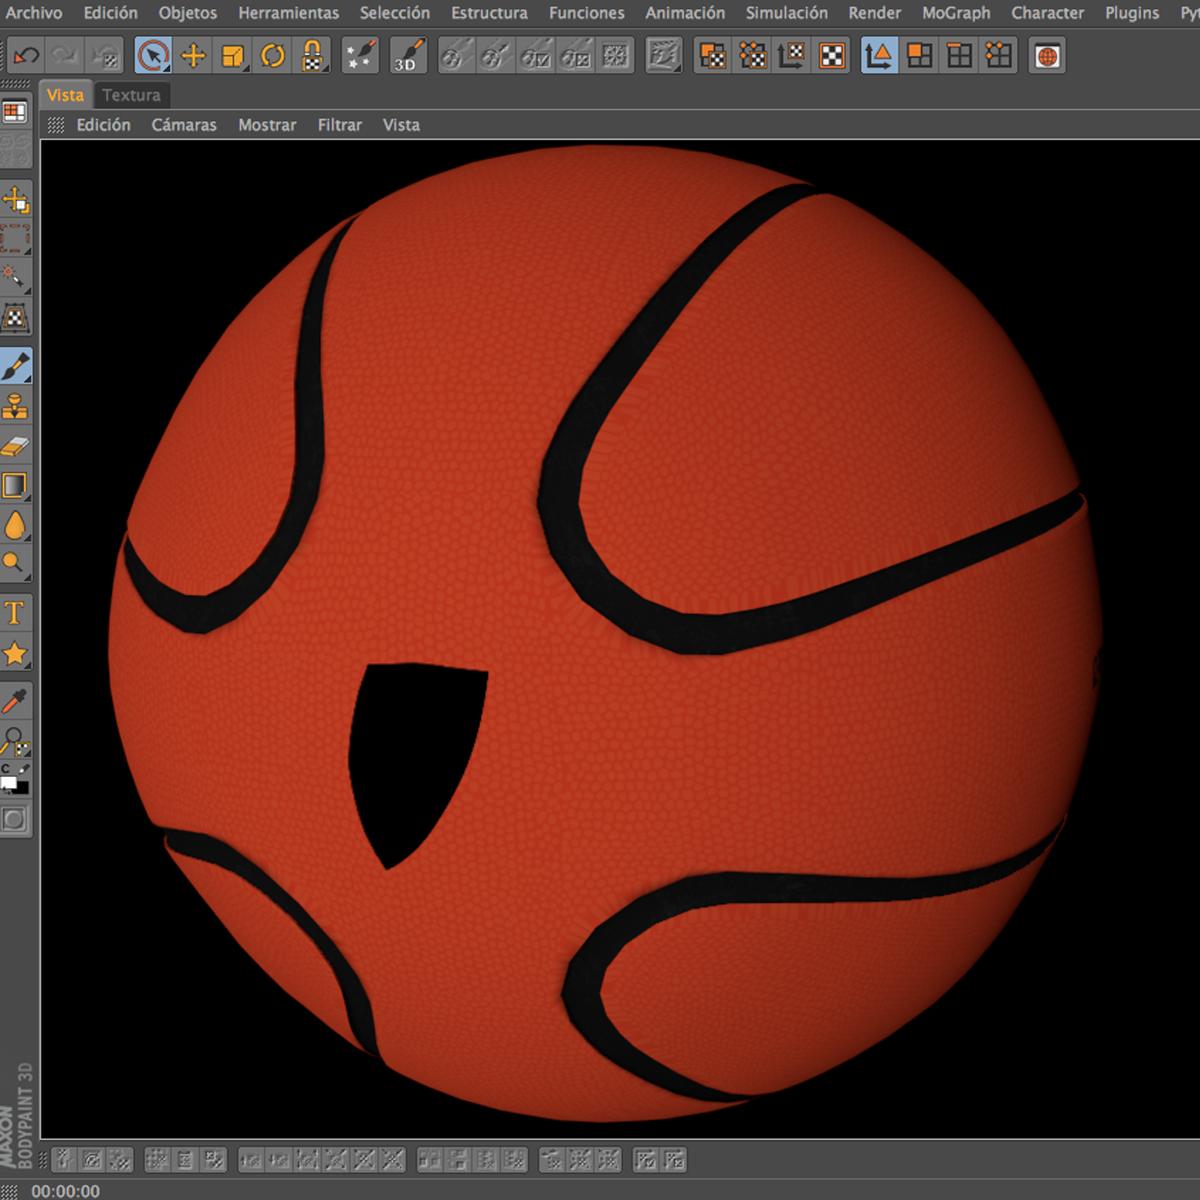 košarkaška lopta zvijezda narančasta 3d model 3ds max fbx c4d ma mb obj 165725